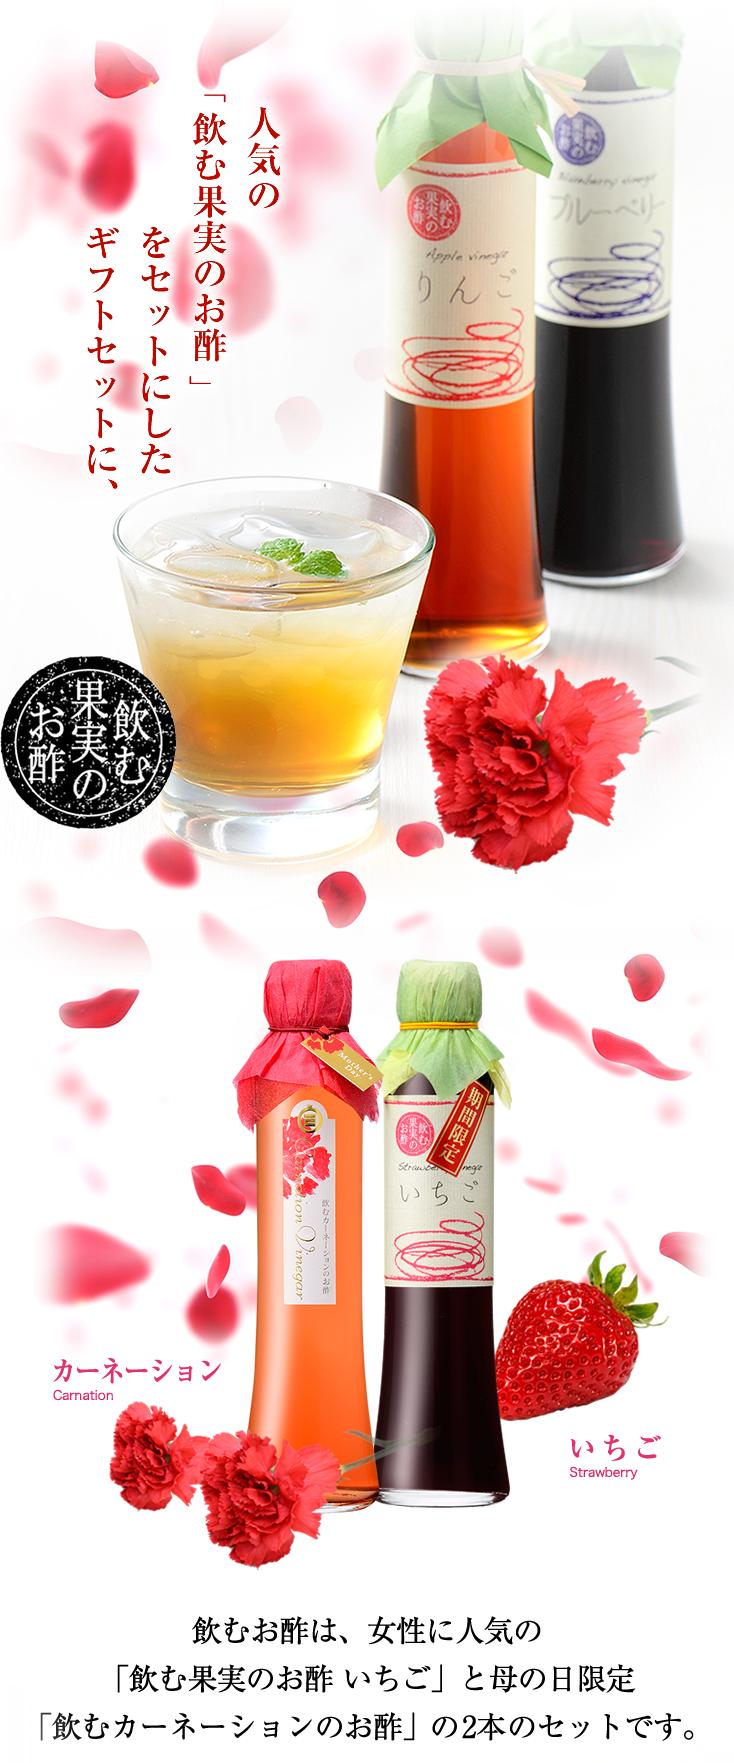 飲むお酢は、女性に人気の「飲む果実のお酢 いちご」「飲む果実のお酢 ブルーべリー」、そして、母の日限定「飲むカーネーションのお酢」の3本のセットです。